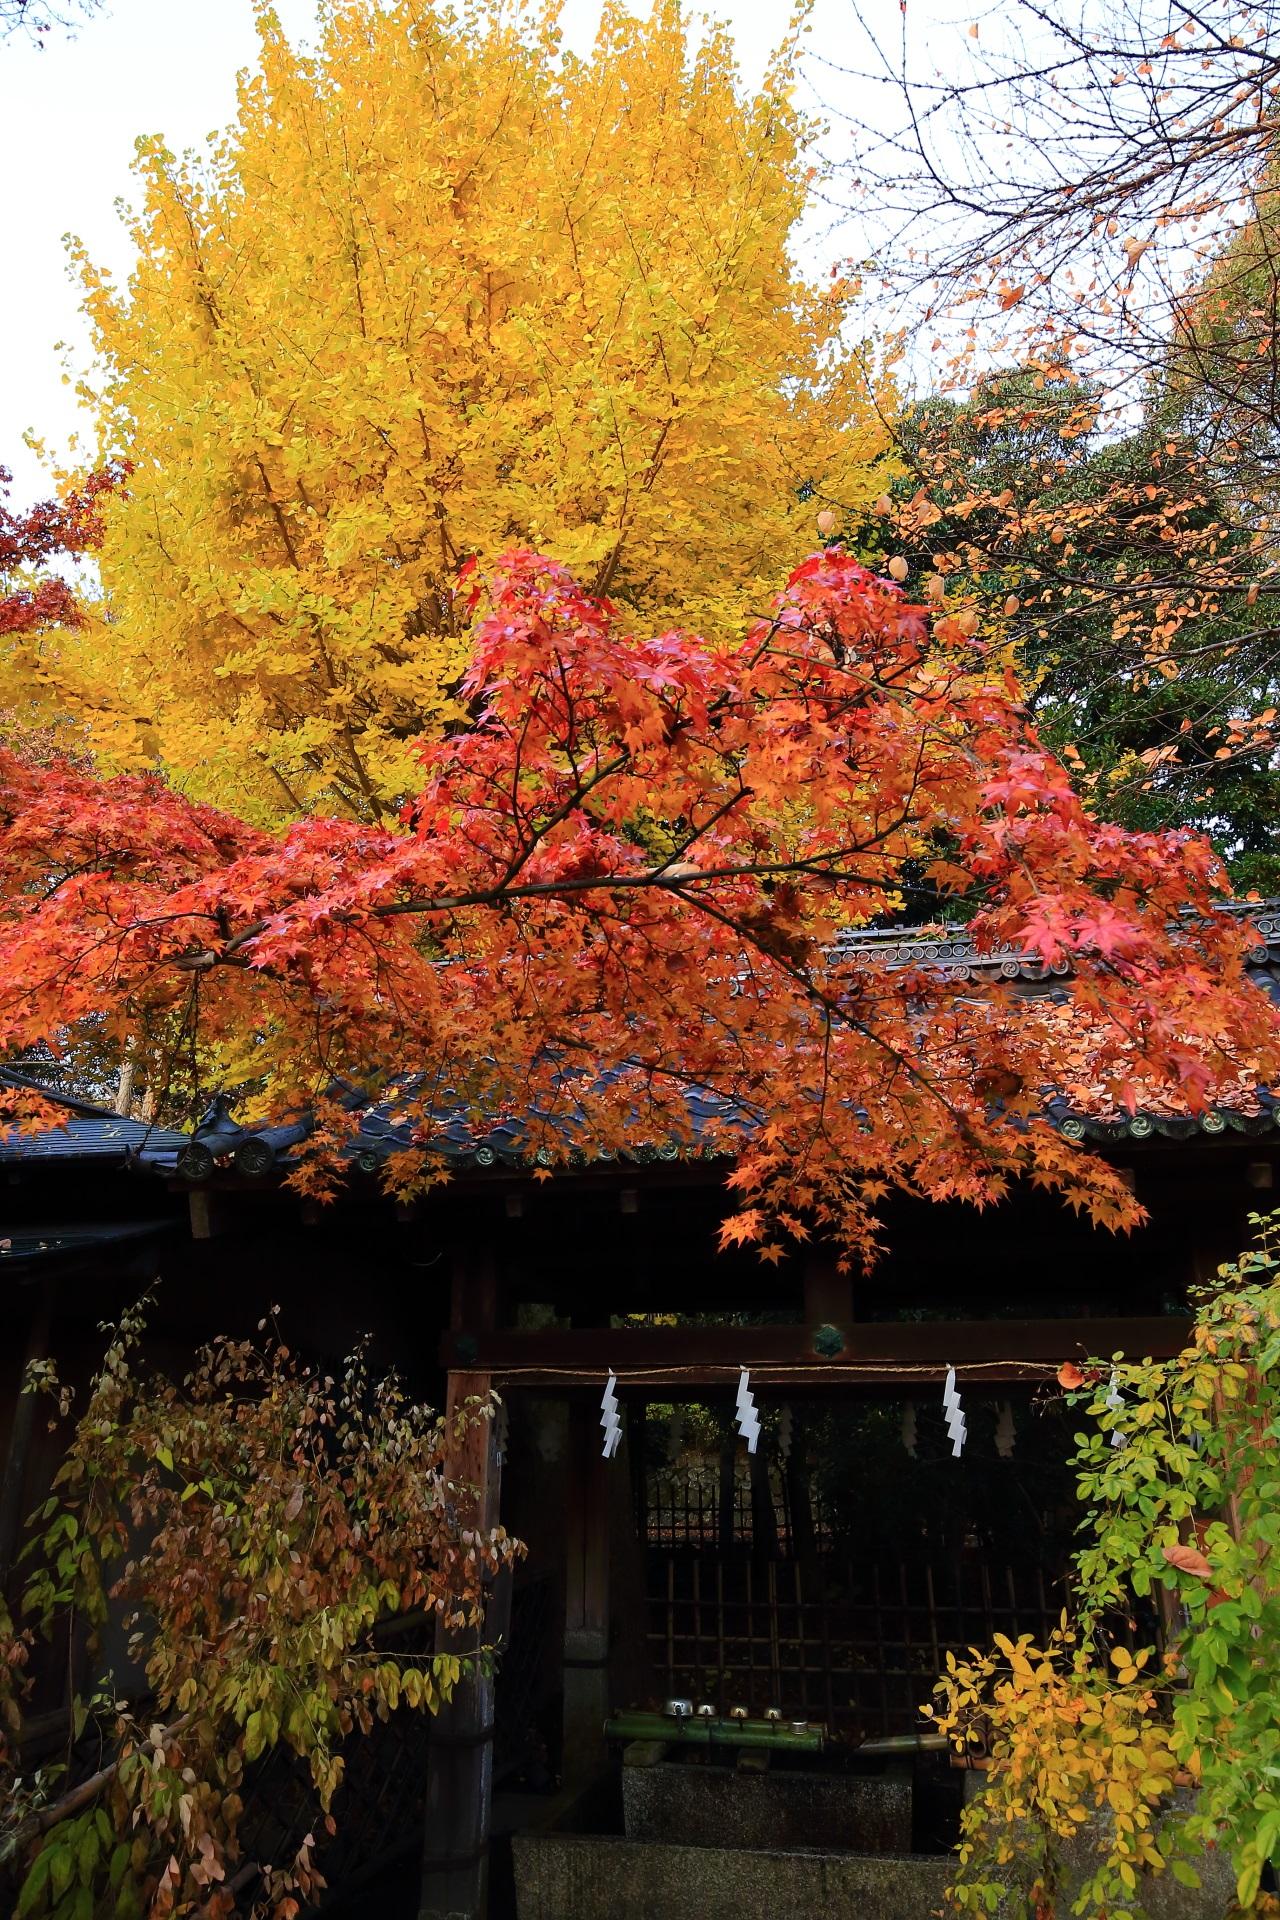 梨木神社の多彩な秋の彩りや染井の水